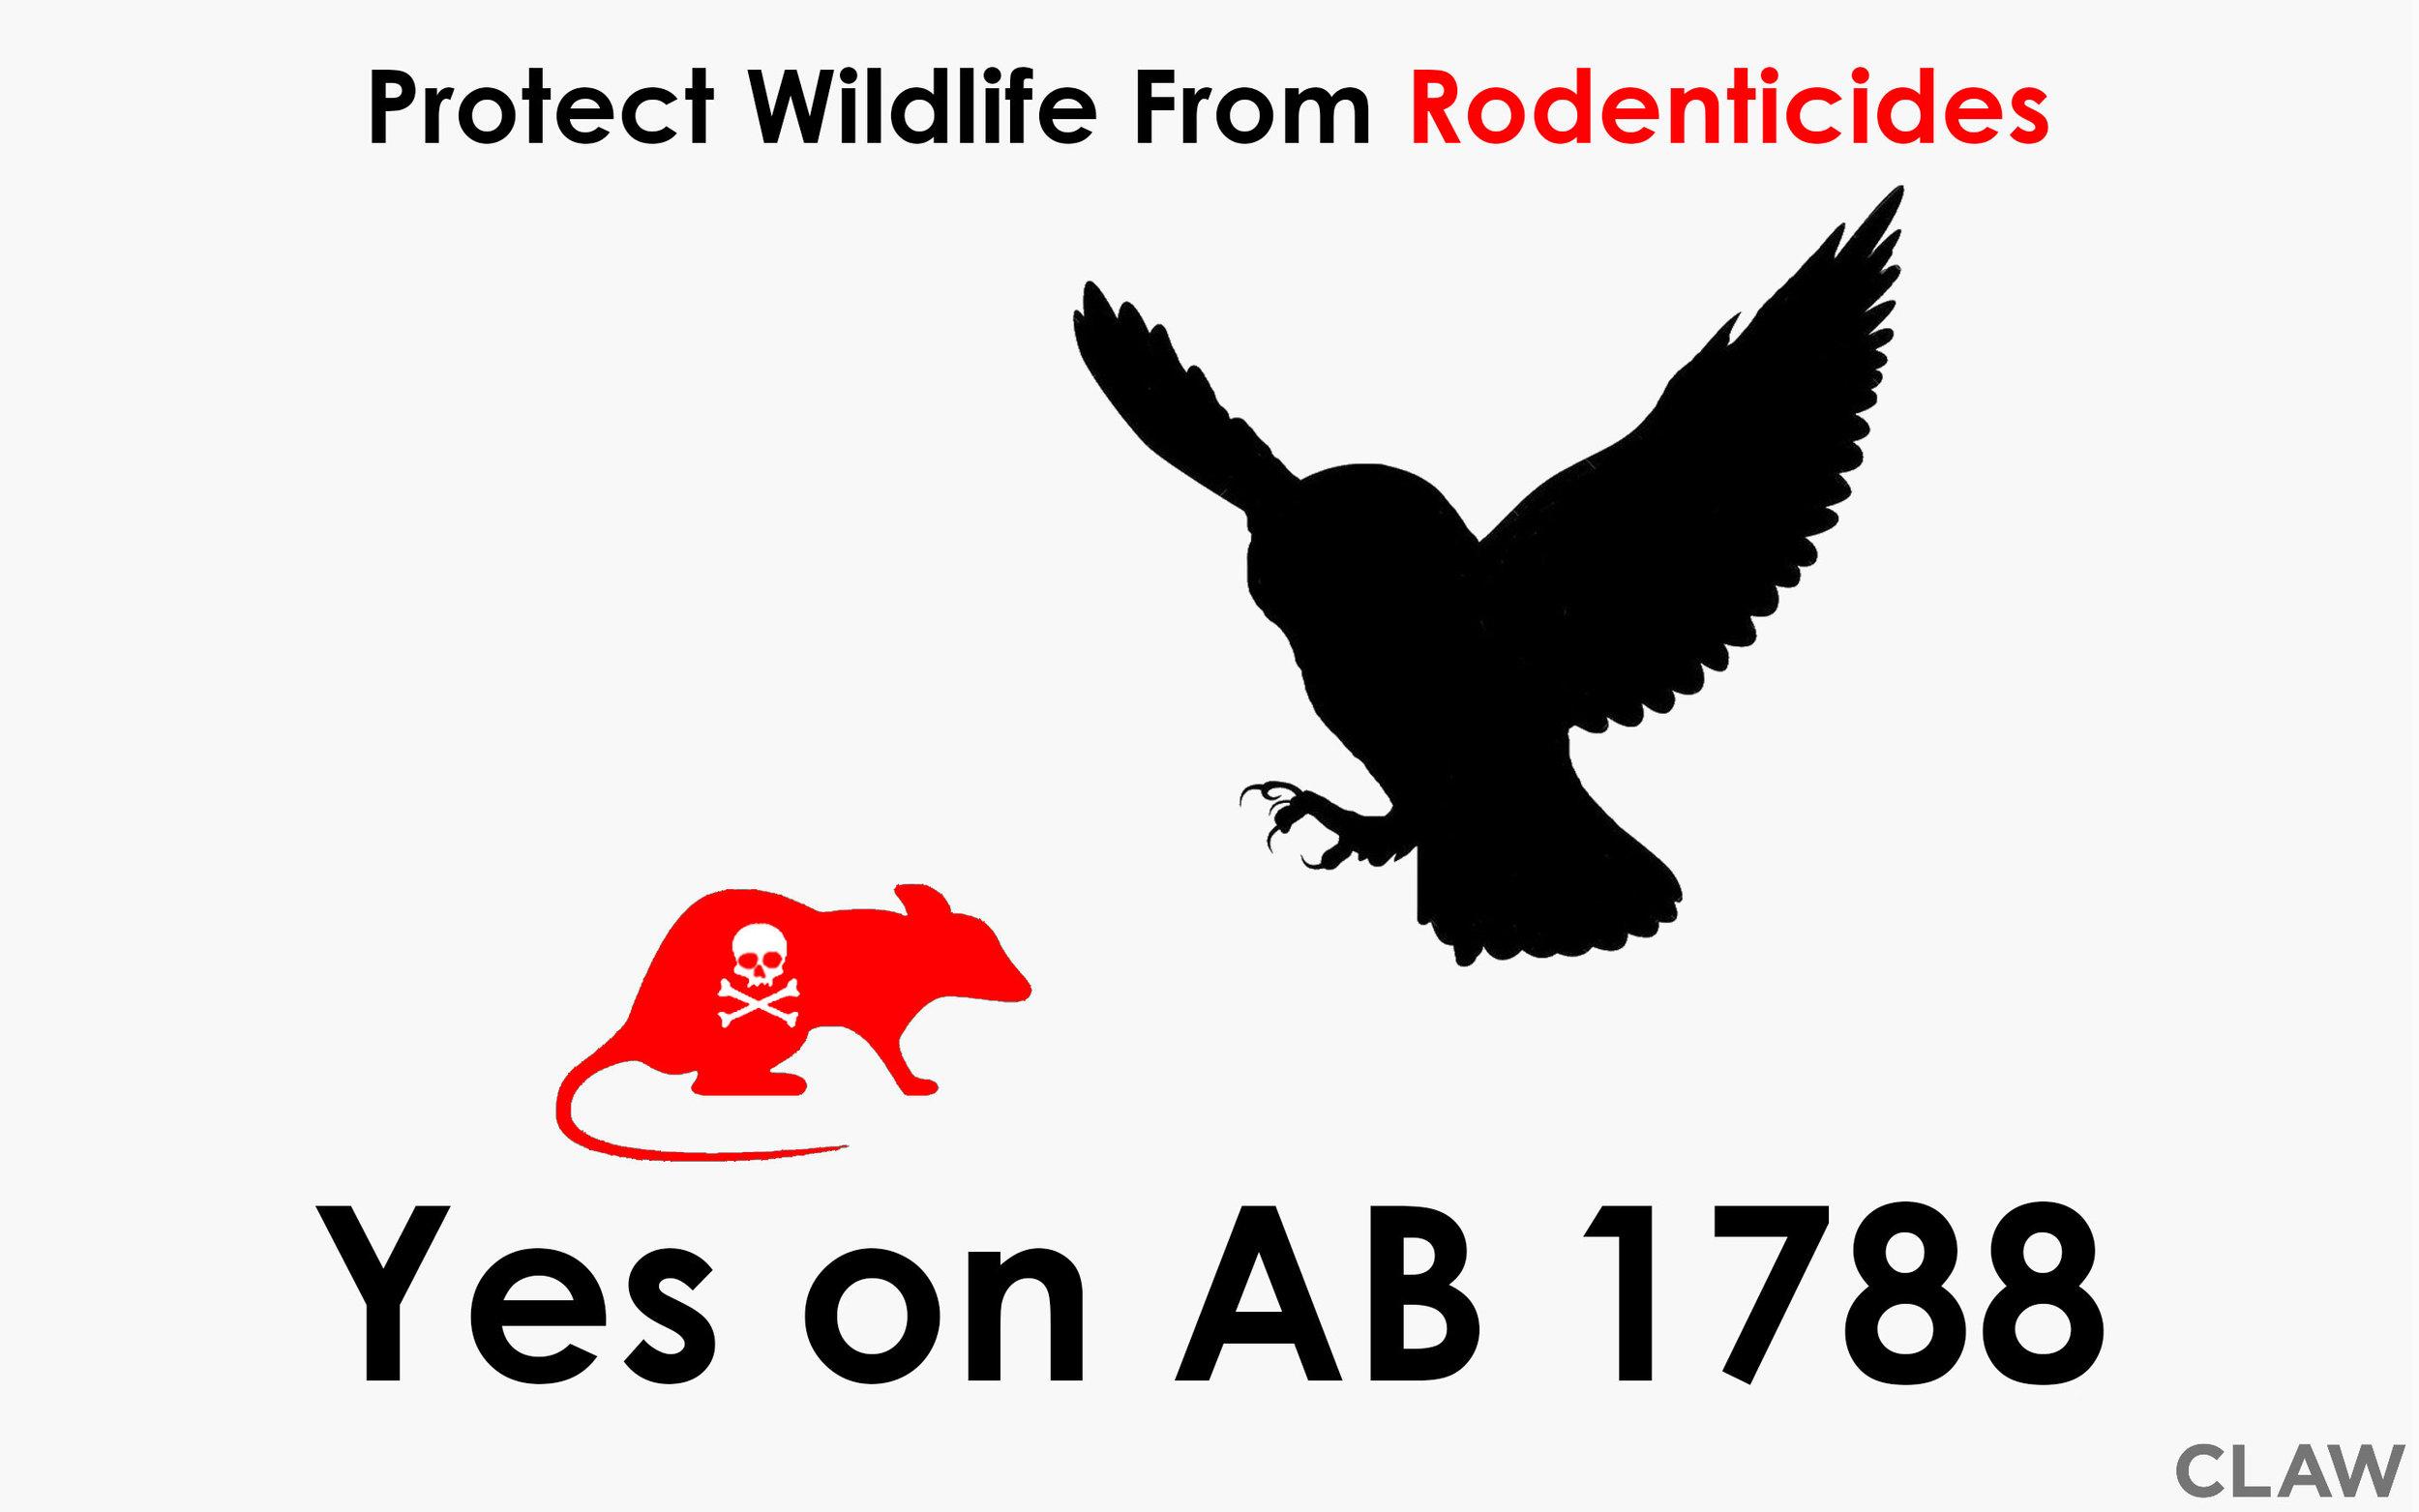 AB-1788.jpg